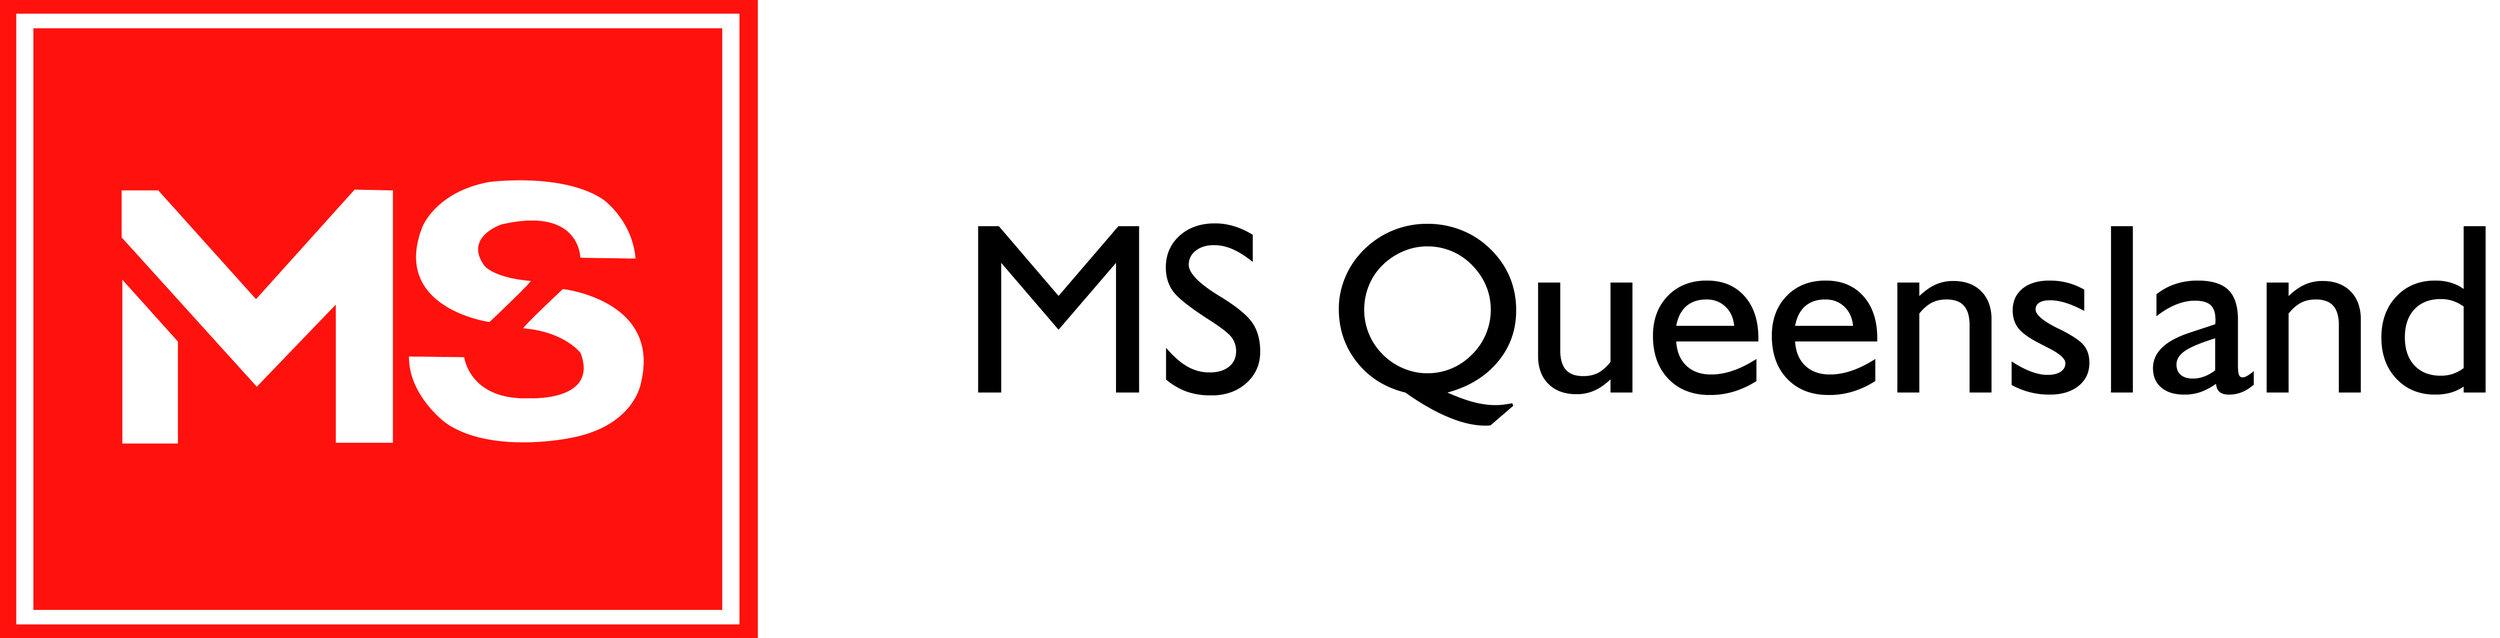 MS Queensland_Logo.jpg